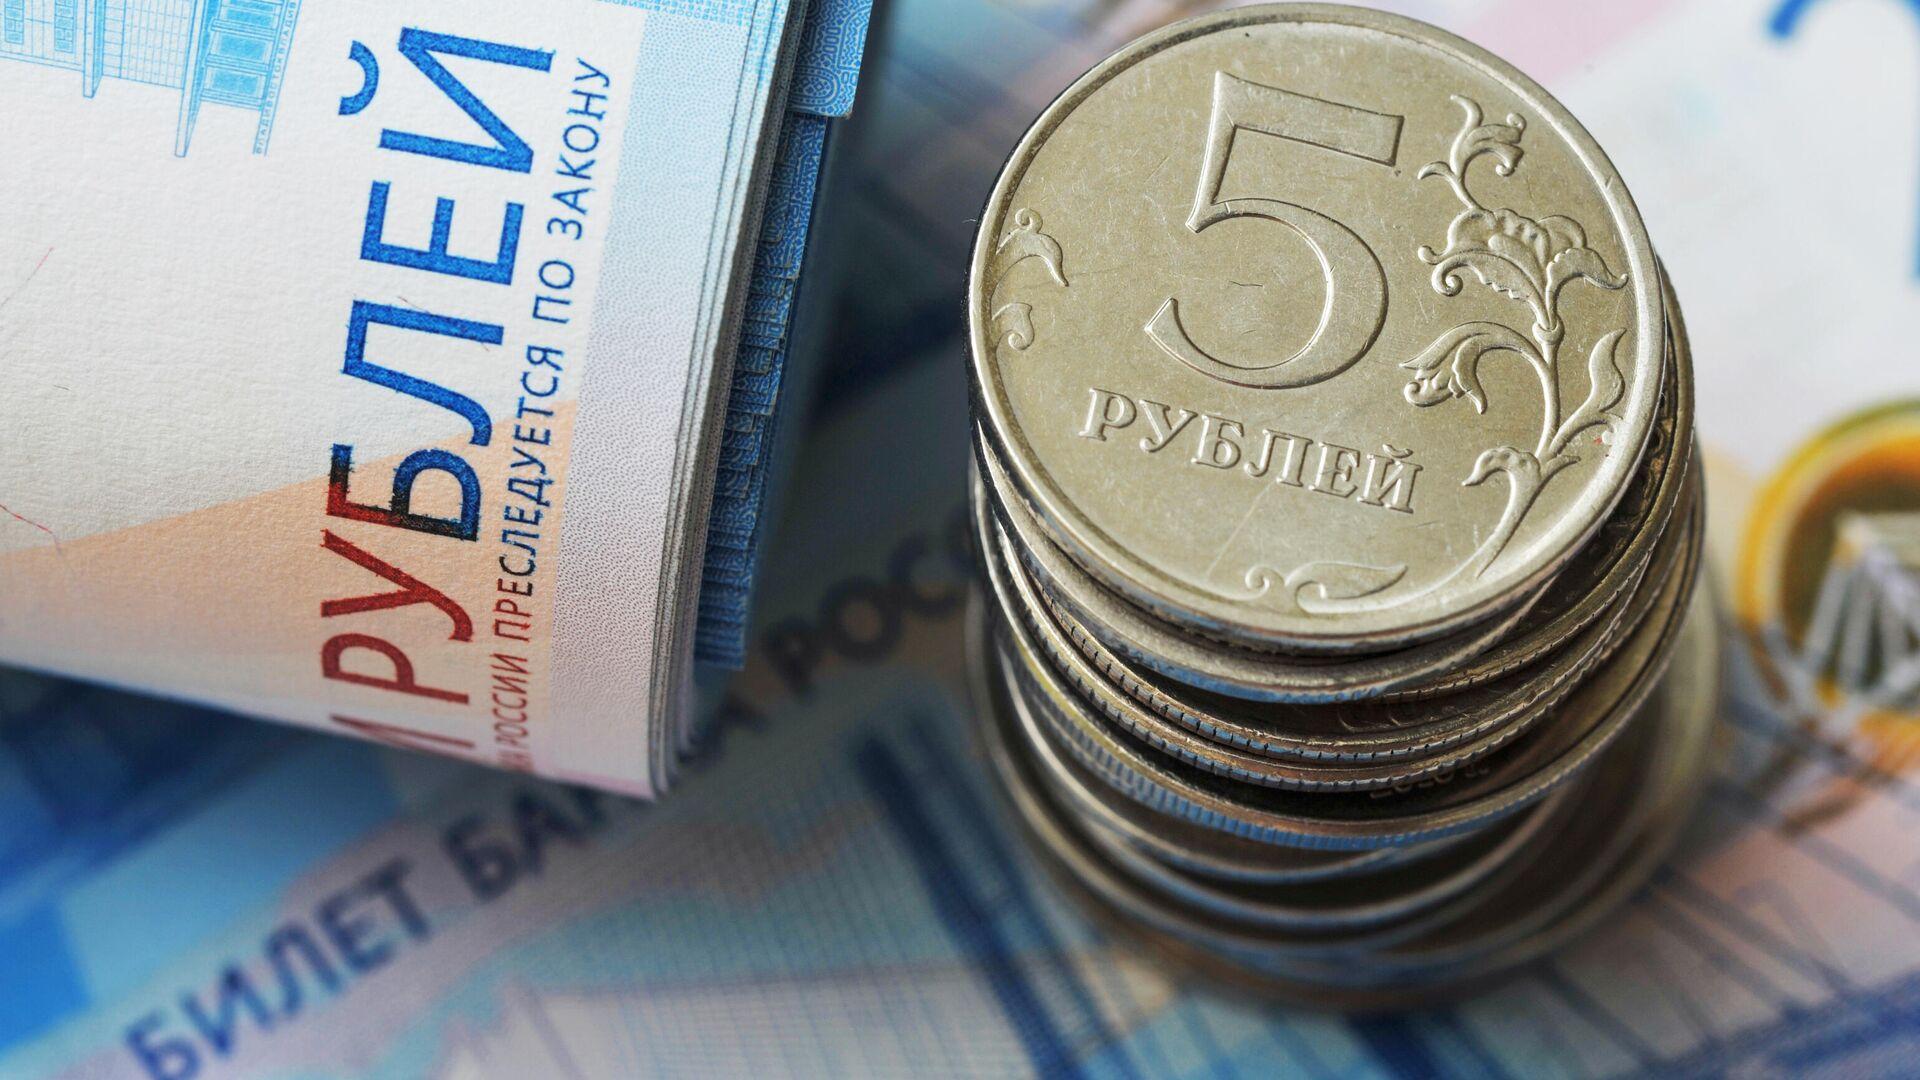 Банкноты номиналом 2000 рублей и монеты номиналом 5 рублей - РИА Новости, 1920, 12.10.2020